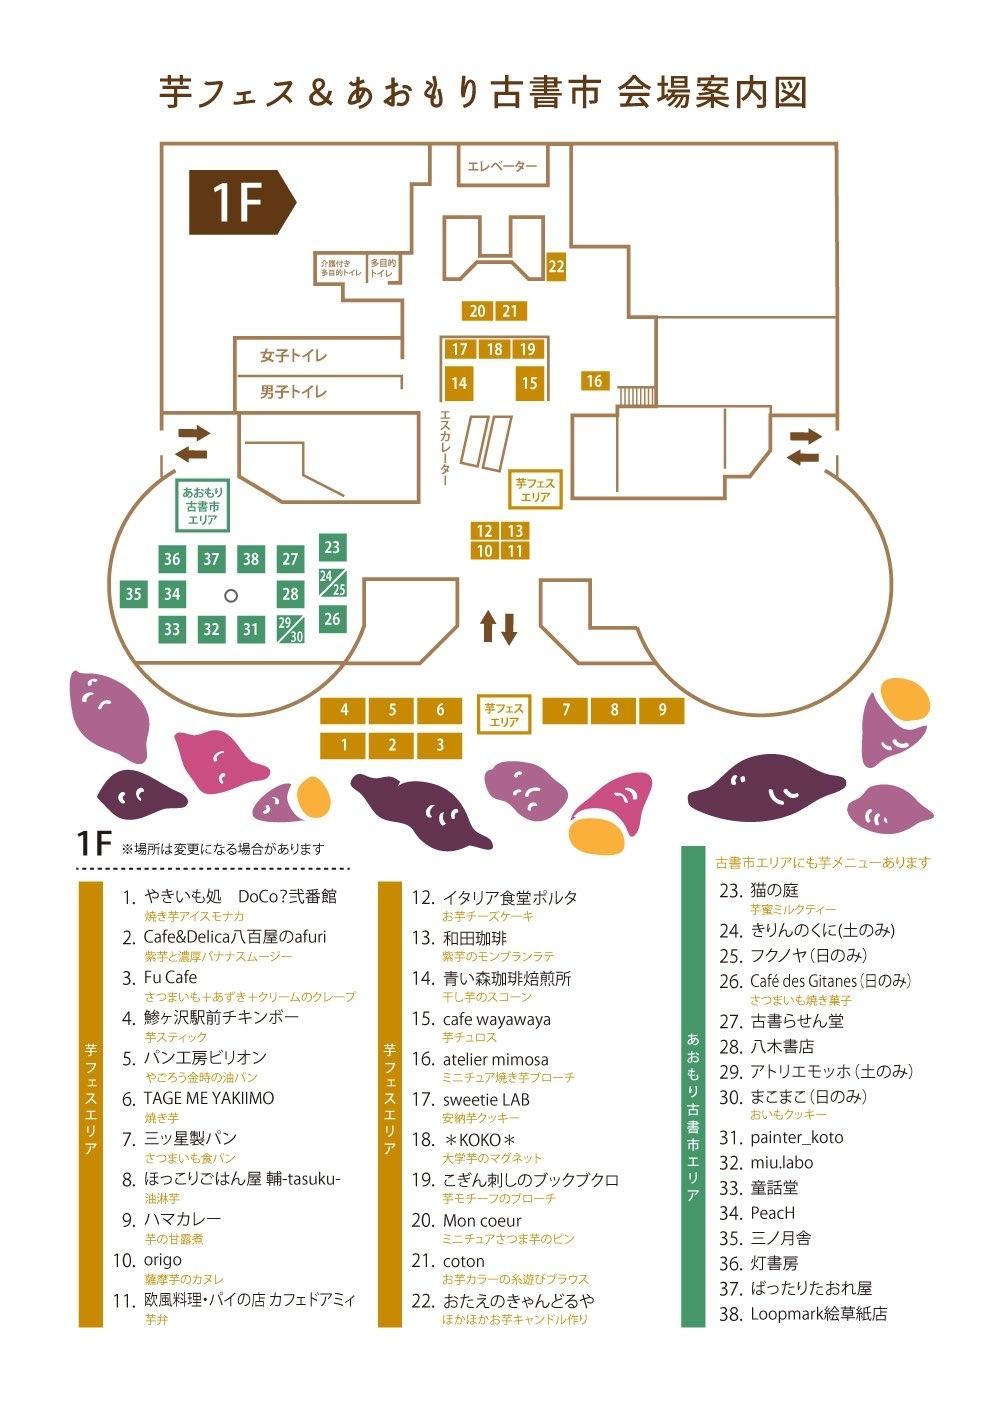 11/7(土)、8(日)、アスパムで開催の〈 あおもり古書市&芋フェス 〉に「Loopmark絵草紙店」として出ます!_f0228652_07135243.jpg